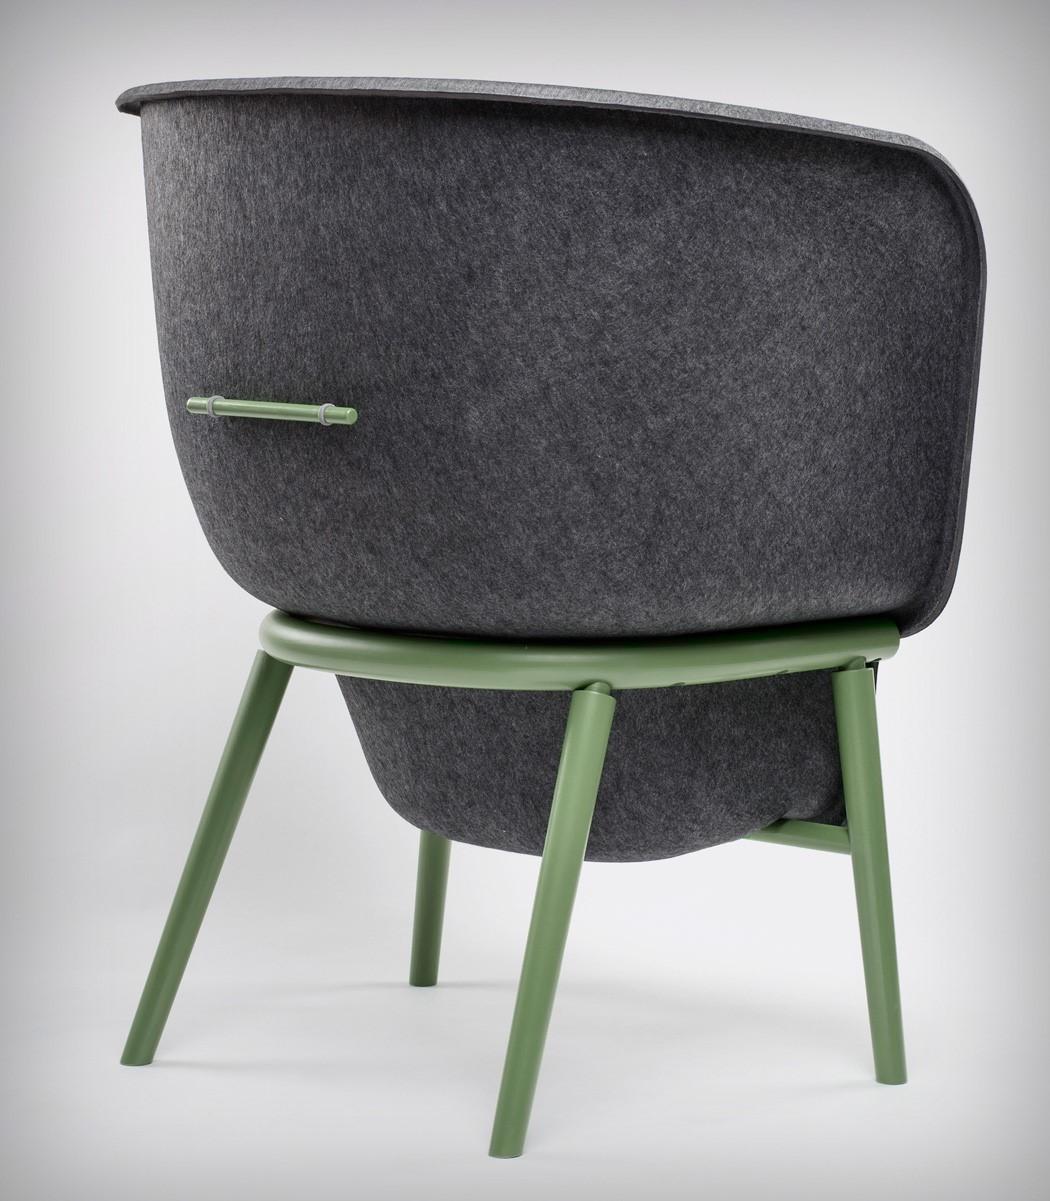 the_chair_pod_chair_11